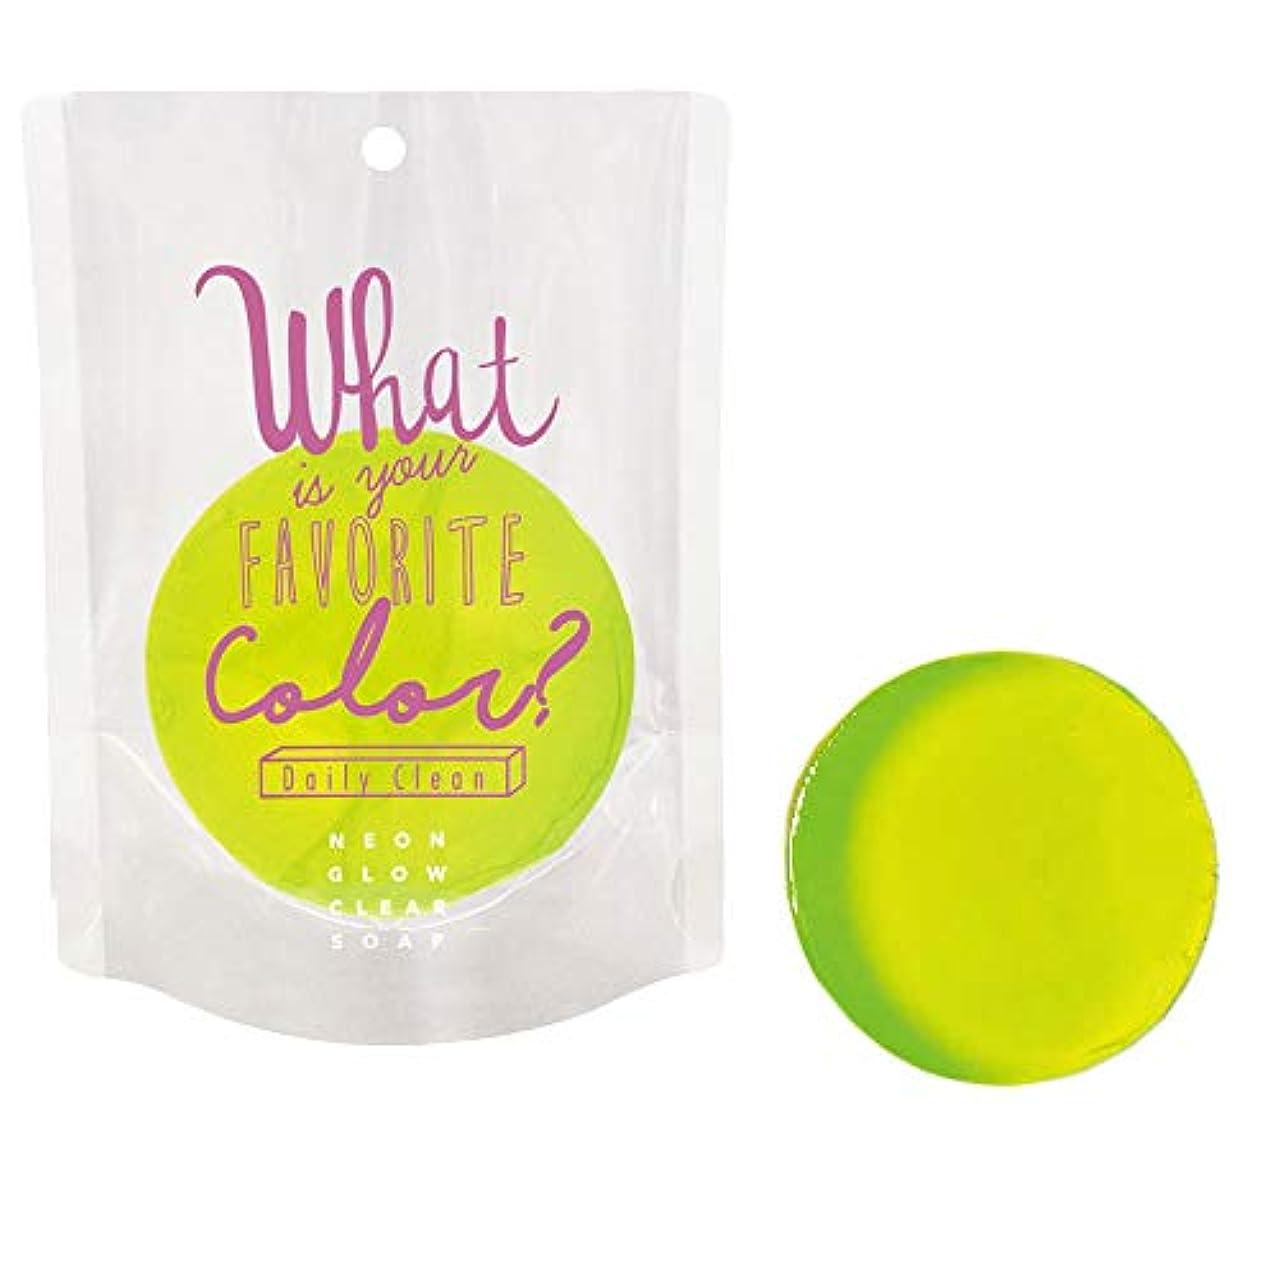 酸っぱい付与運動ネオングロークリアソープ ob-ngw-2-1-4(02/パパイヤ) Neon Glow Clear Soap 石鹸 ノルコーポレーション 固形 せっけん カラフル 香り 清潔 ギフト プレゼント